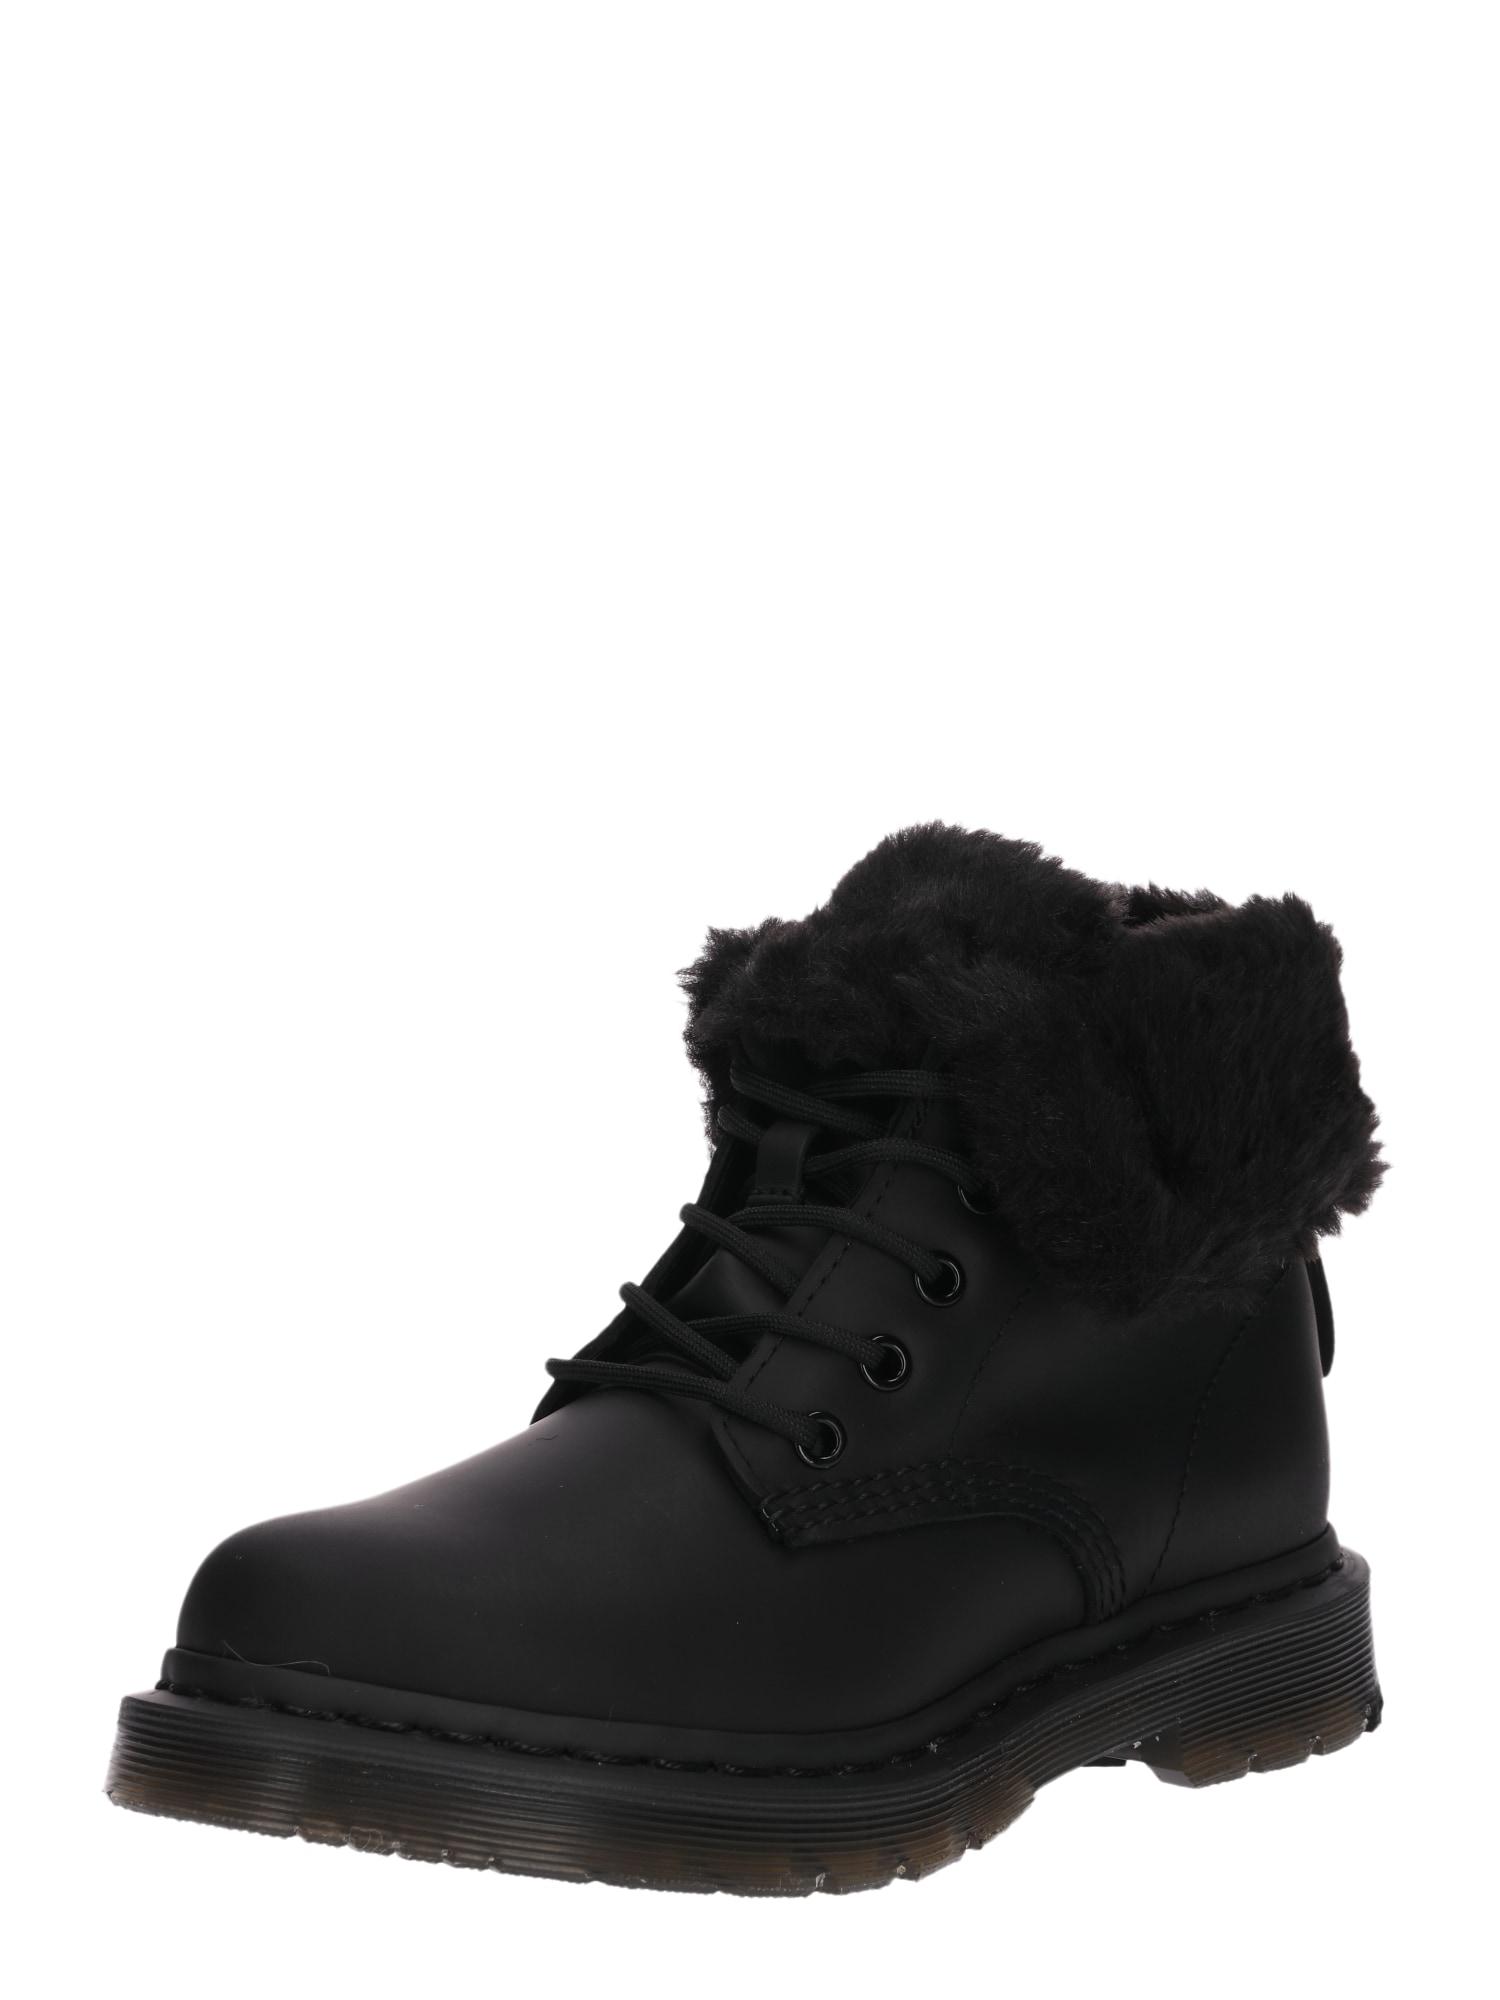 Kozačky 8 Eye Boot 1460 Kolbert černá Dr. Martens